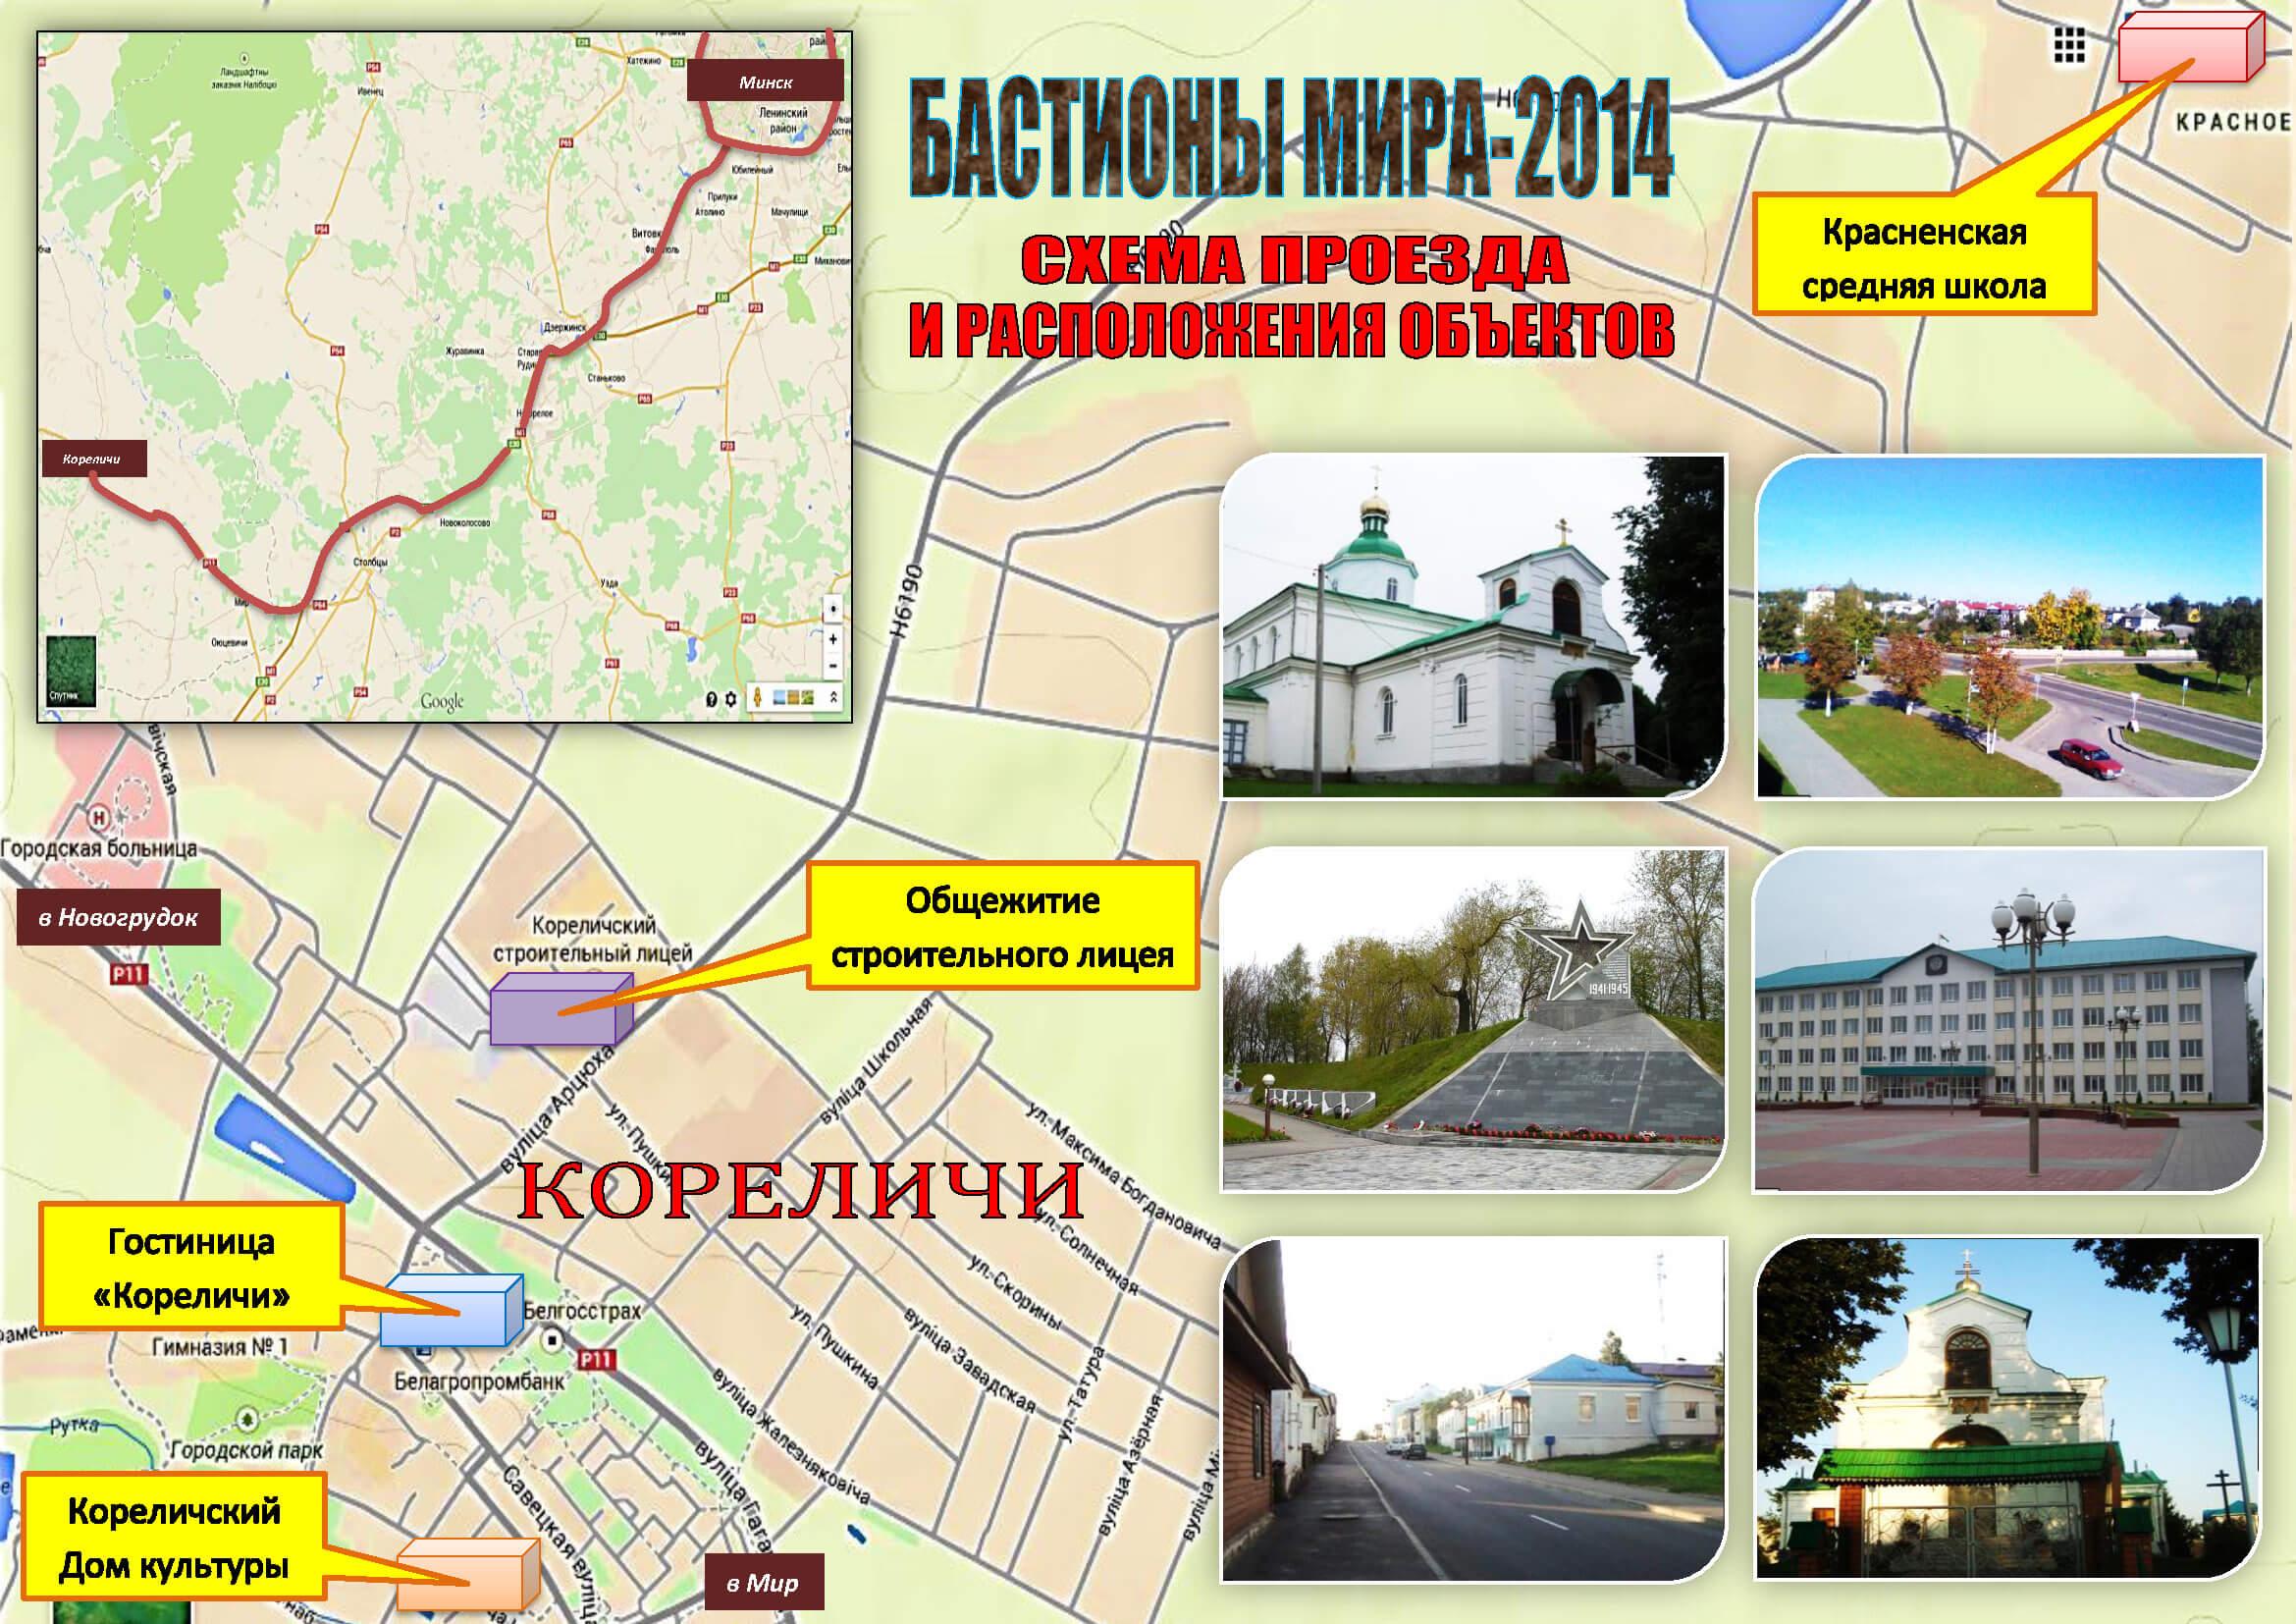 Кореличи-2014 Расположение объектов